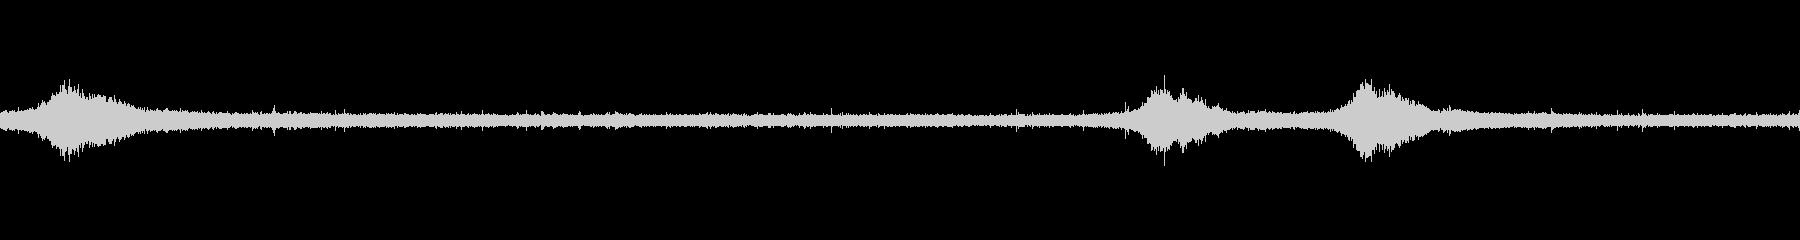 【生音】雨の日の通行音 - 4 雨 車…の未再生の波形